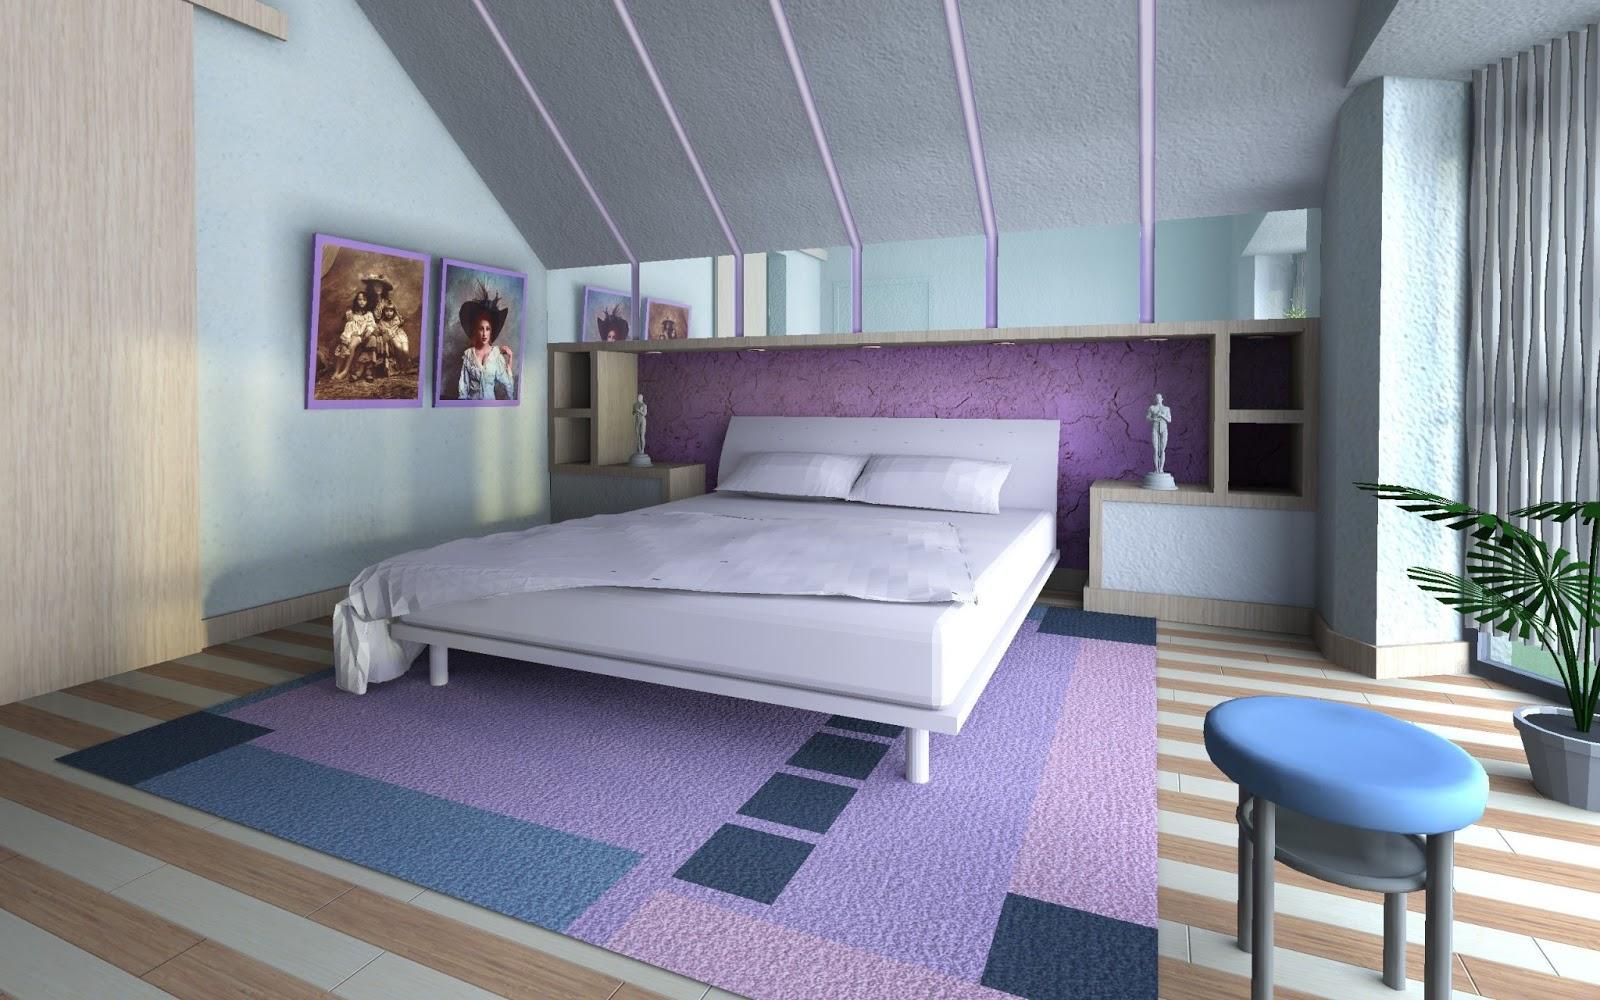 Salas y dormitorios dise o y decoraci n de interiores for Decoracion interiores dormitorios